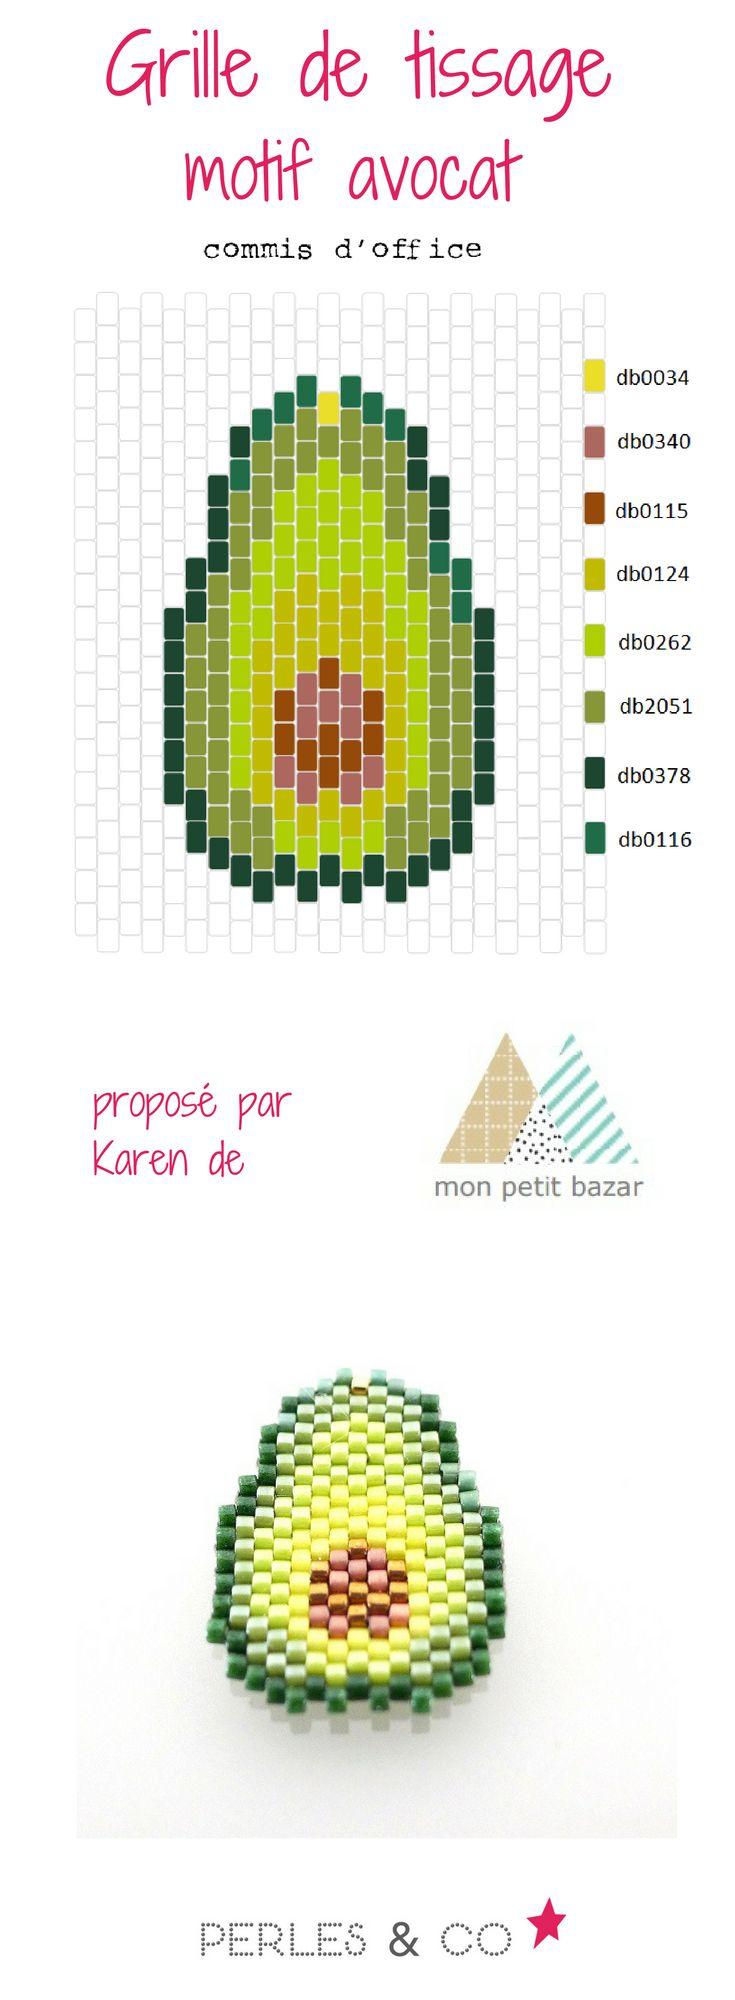 """Une salade d'avocats, ça vous dit ? Grâce à Karen du blog Mon petit bazar, voici un diagramme nommé """"commis d'office"""" pour réaliser un avocat en perles Miyuki Delicas 11/0 . Ce motif est réalisé avec la technique brickstitch Retouvez le tutoriel sur le site spécialisé en loisirs créatifs Perles & Co >> https://www.perlesandco.com/Diagramme_avocat_en_perles_Miyuki_Delicas_par_Mon_Petit_bazar-s-2774-47.html"""